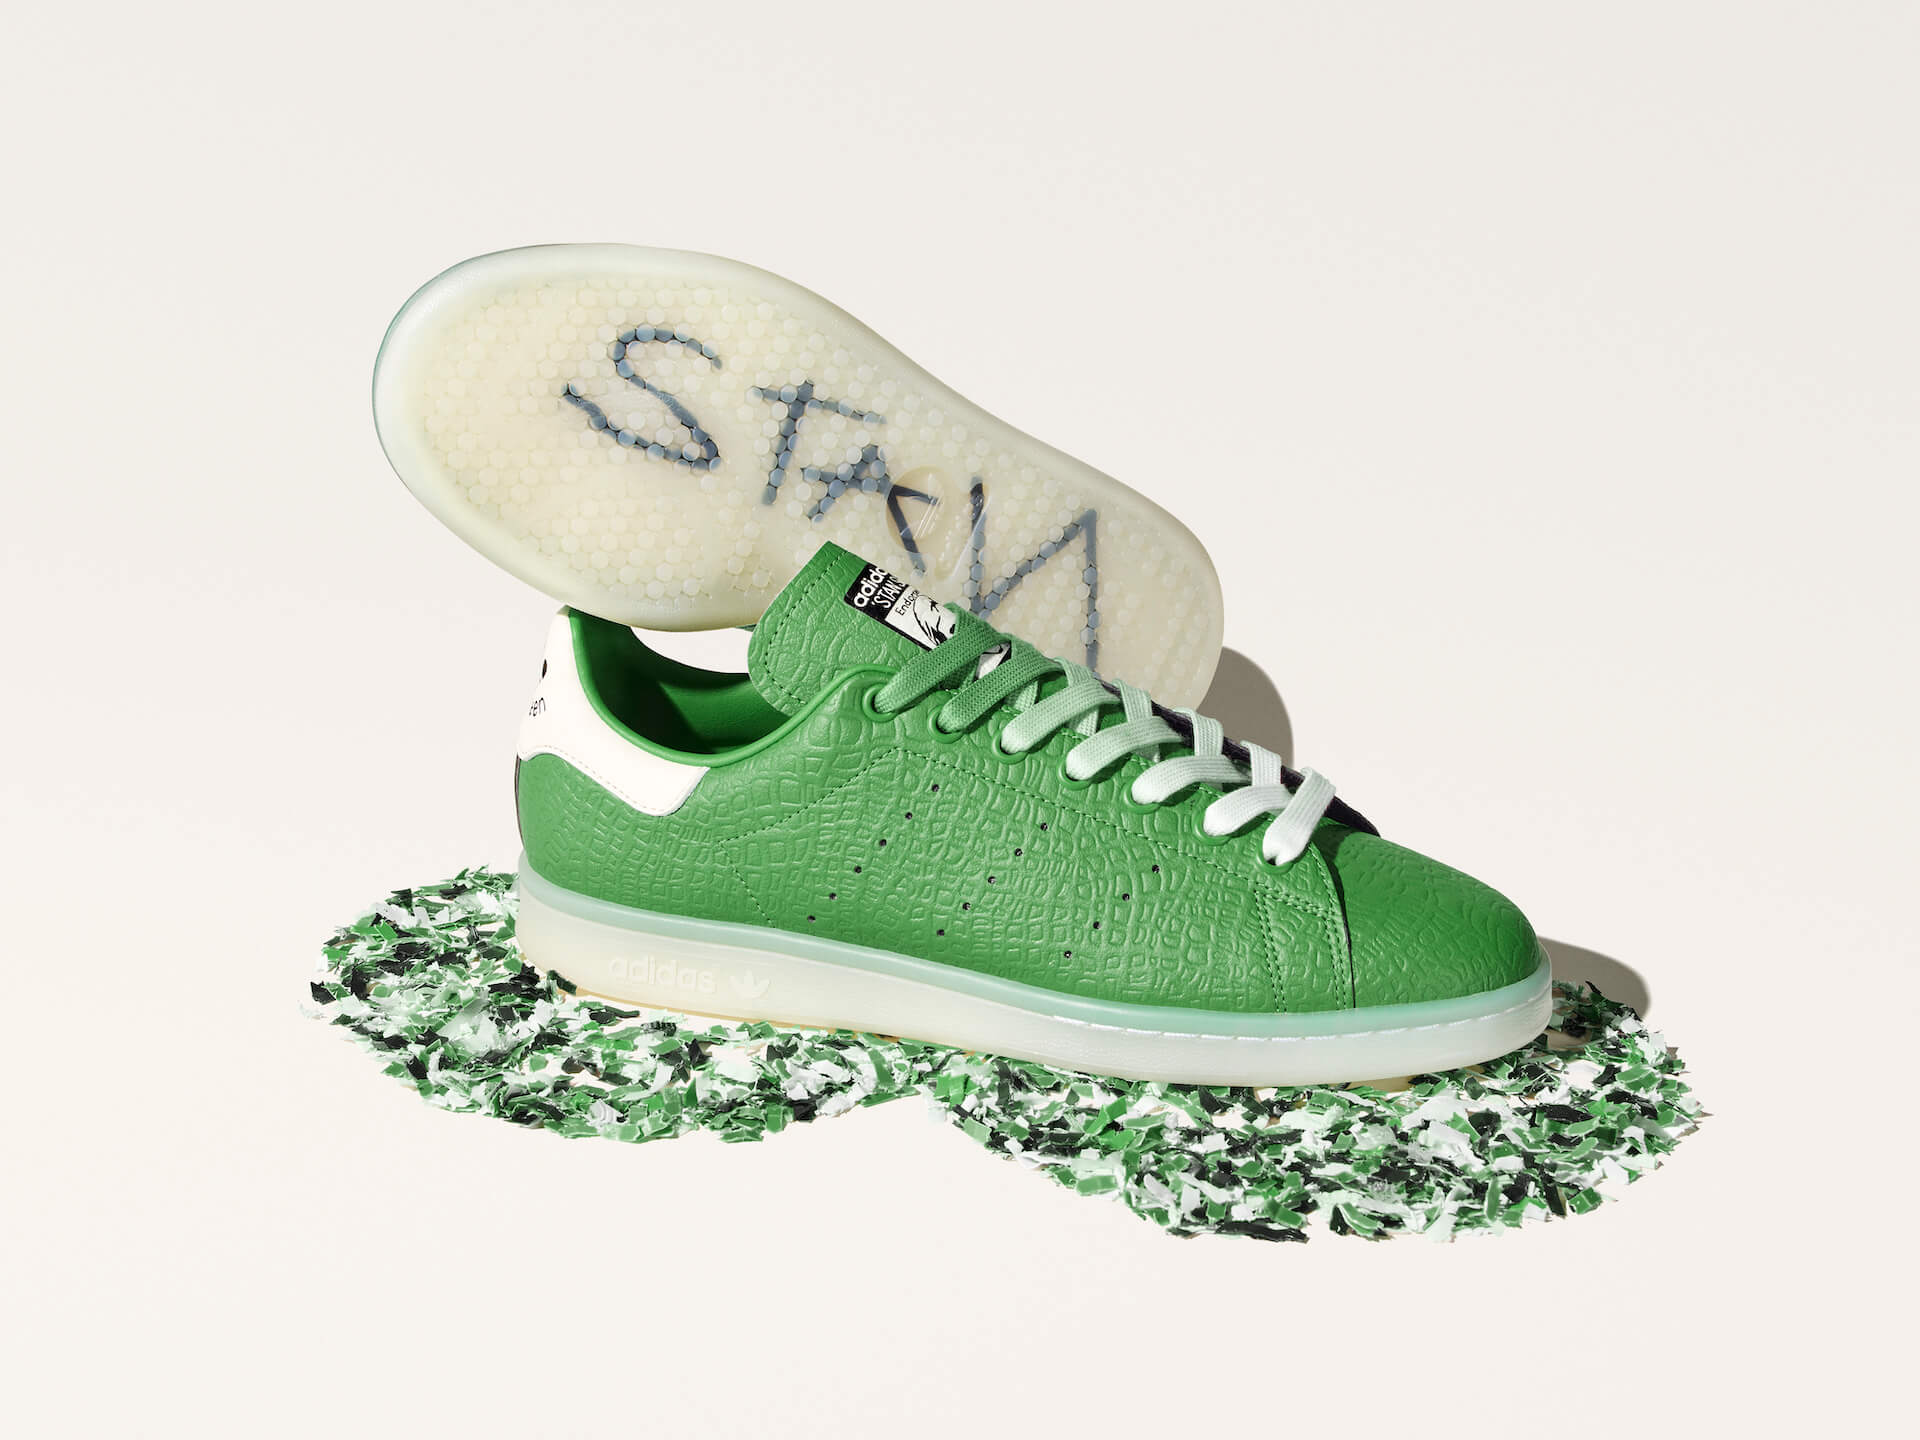 adidas「スタンスミス」のサステナブルコレクションに『モンスターズ・インク』マイク・ワゾウスキやマーベル・ハルクを配したモデルが登場! life210323_adidas_stansmith_9